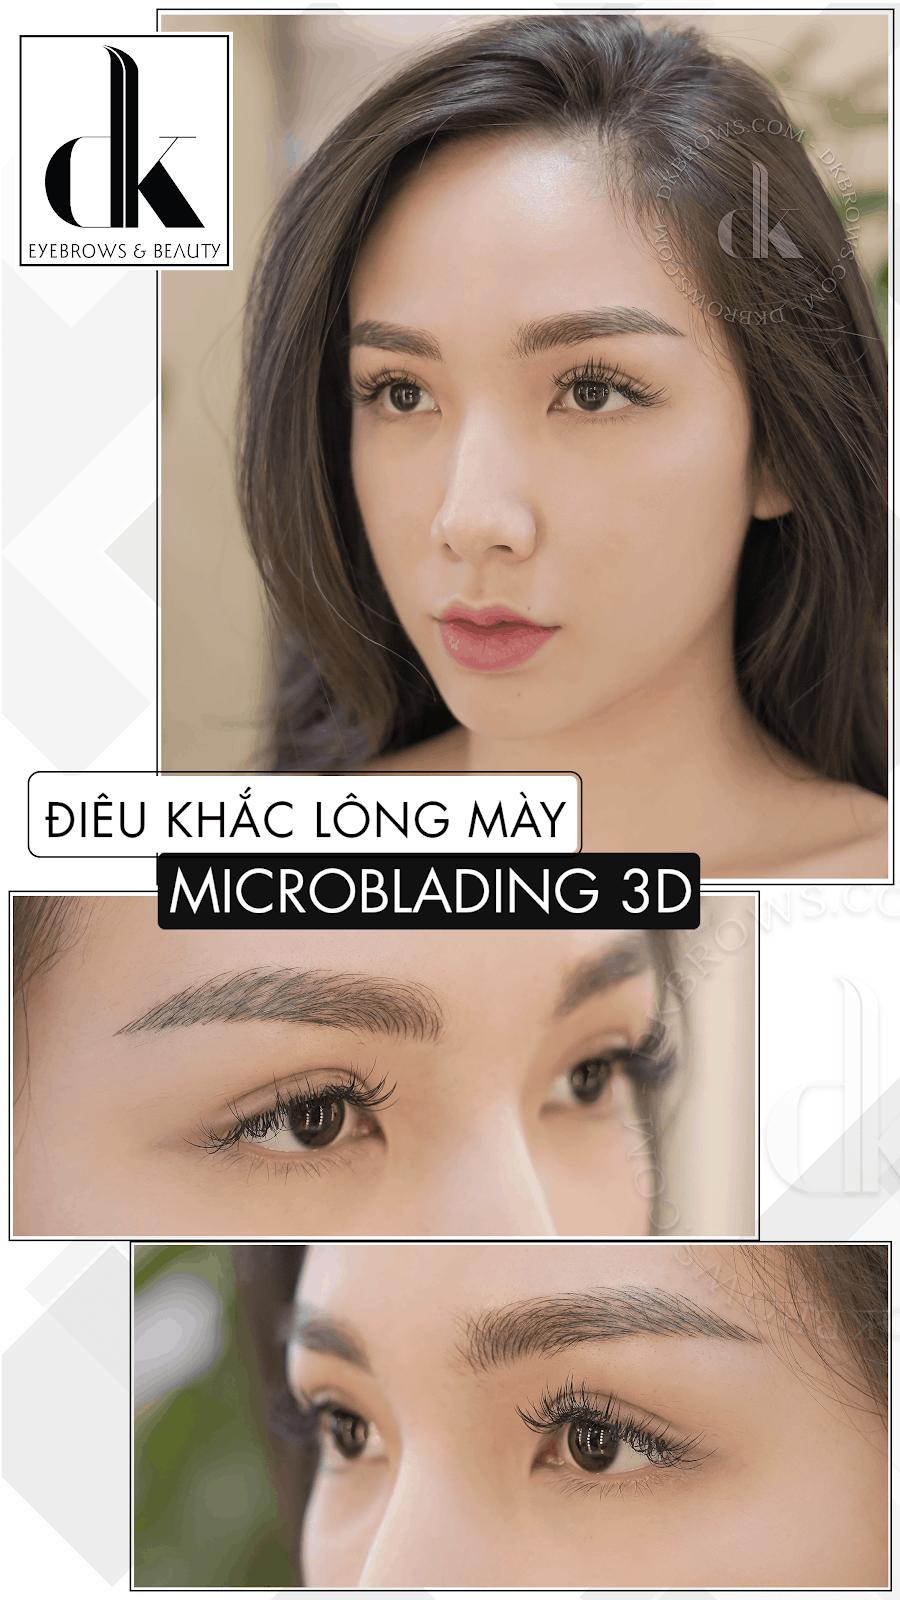 công nghệ điêu khắc lông mày 3D